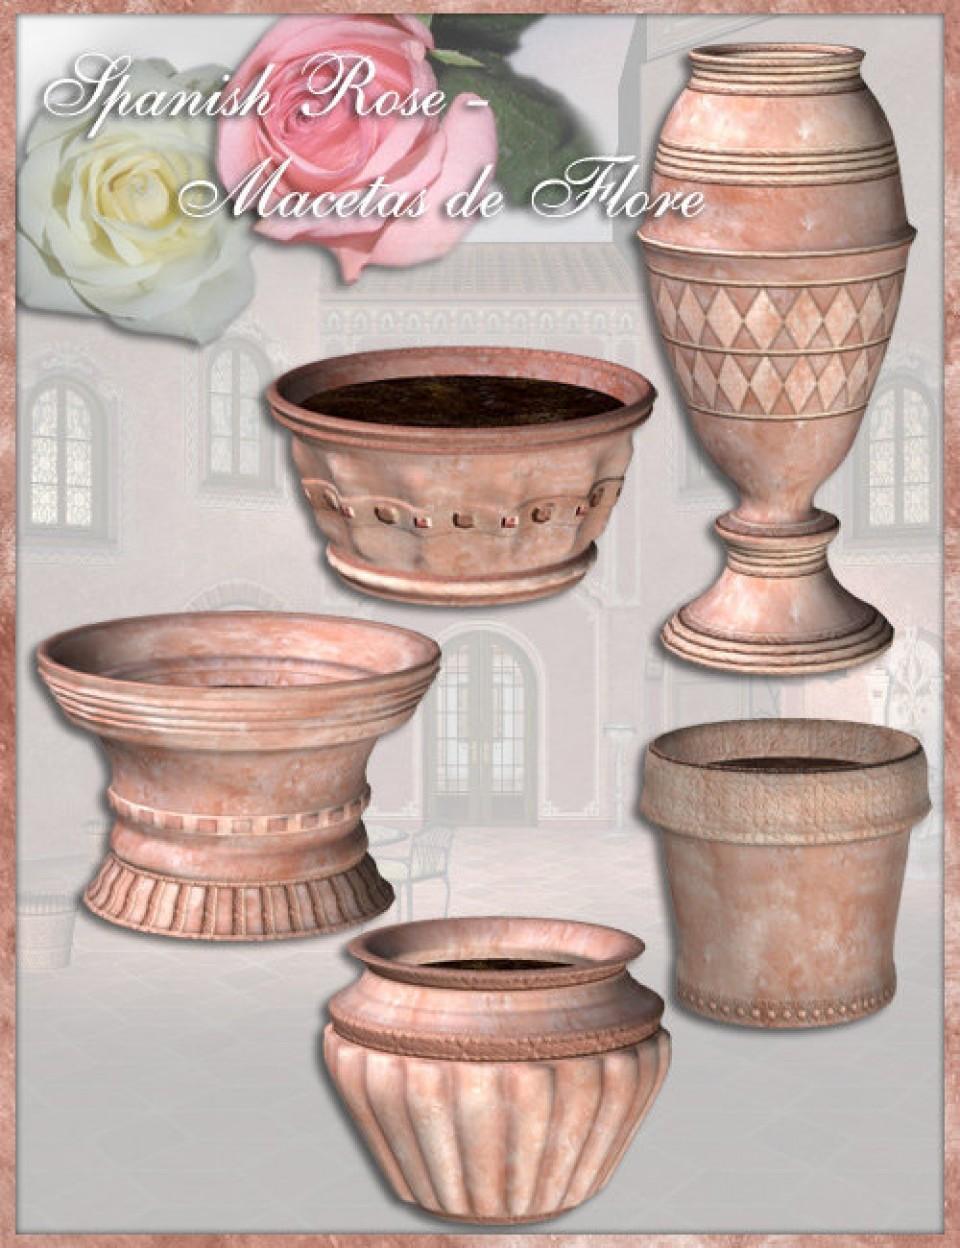 Spanish Rose -- Macetas de Flores